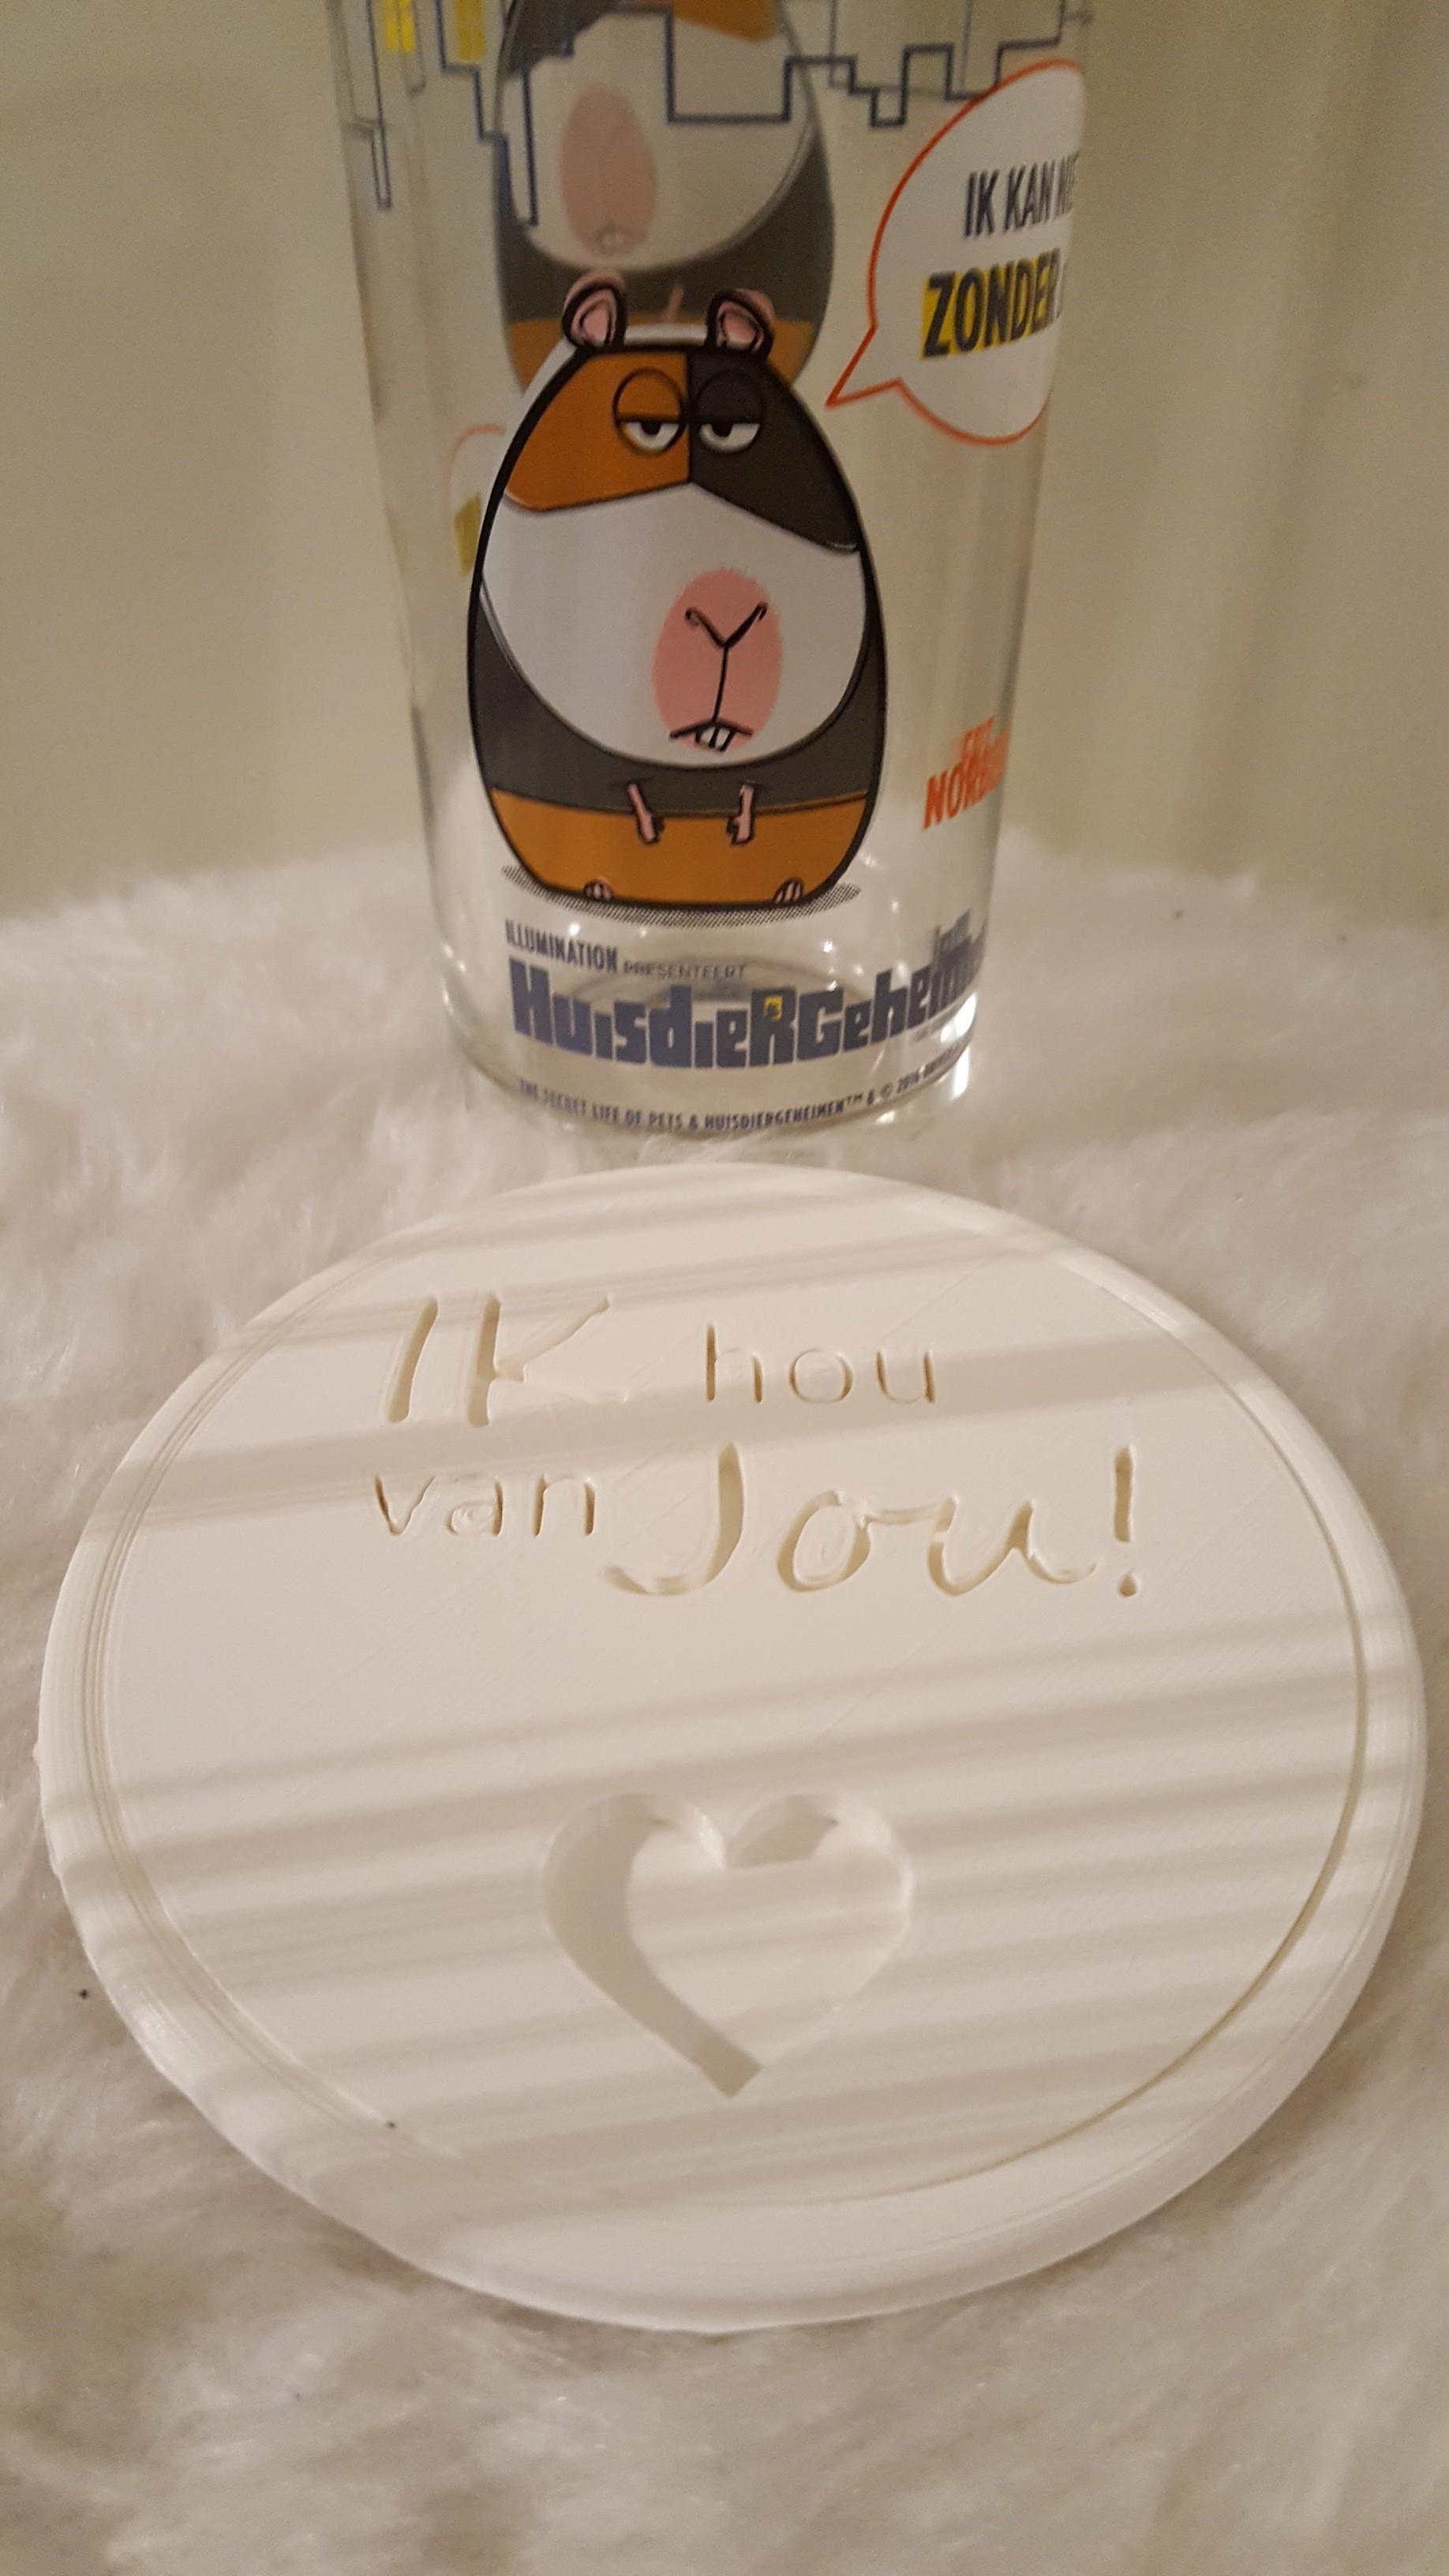 20190319_195732.jpg Download free STL file Ik hou van jou! drinkcoaster pair • 3D printer model, IdeaLab